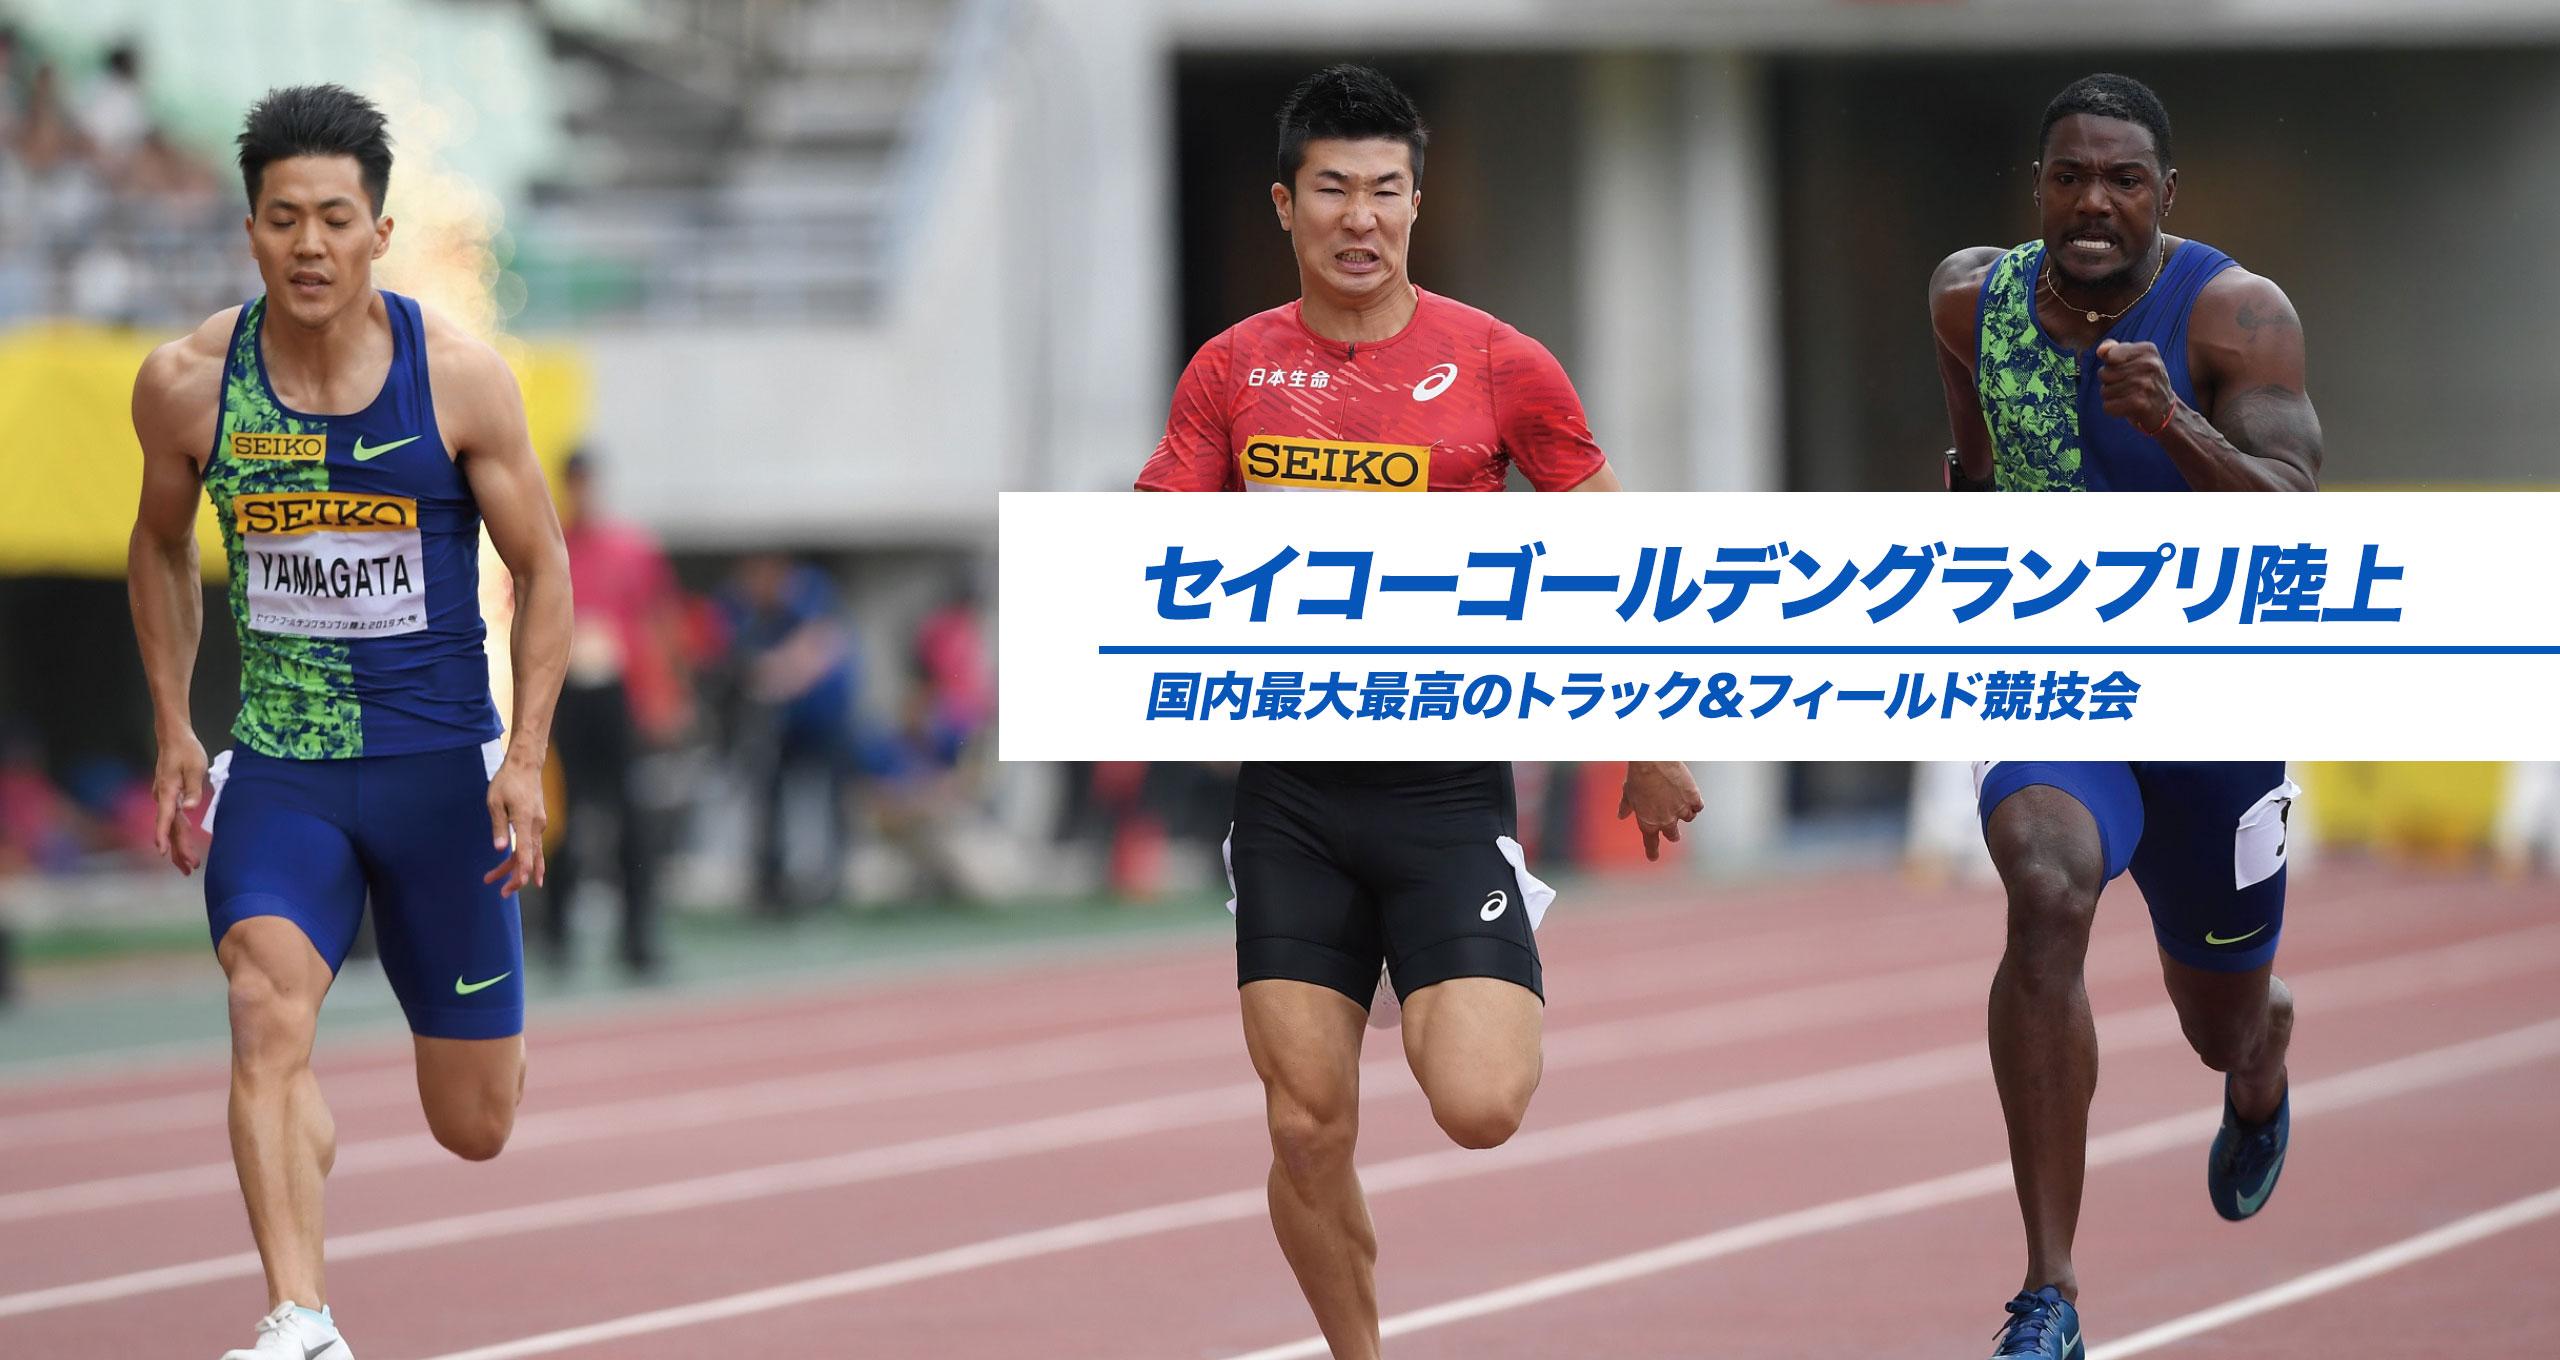 セイコーゴールデングランプリ陸上2018大阪